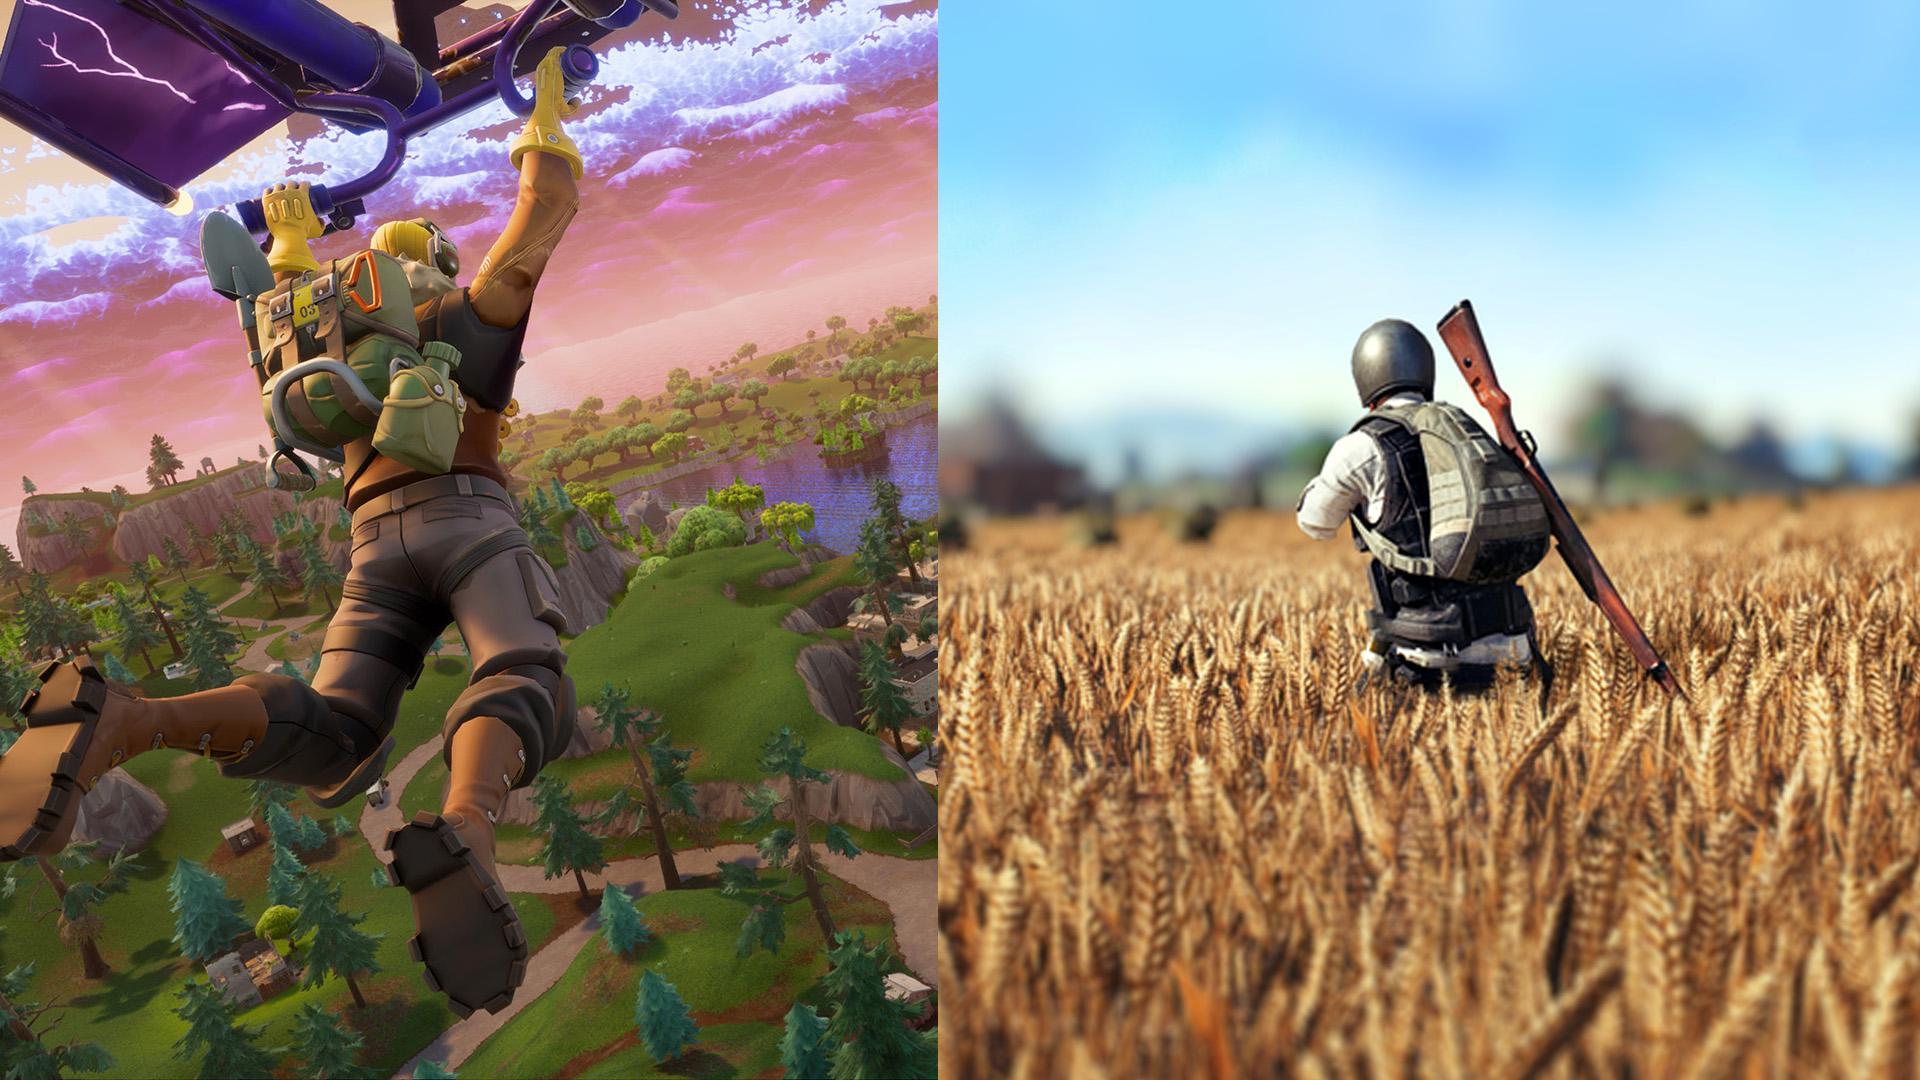 Fortnite epic kills 2018